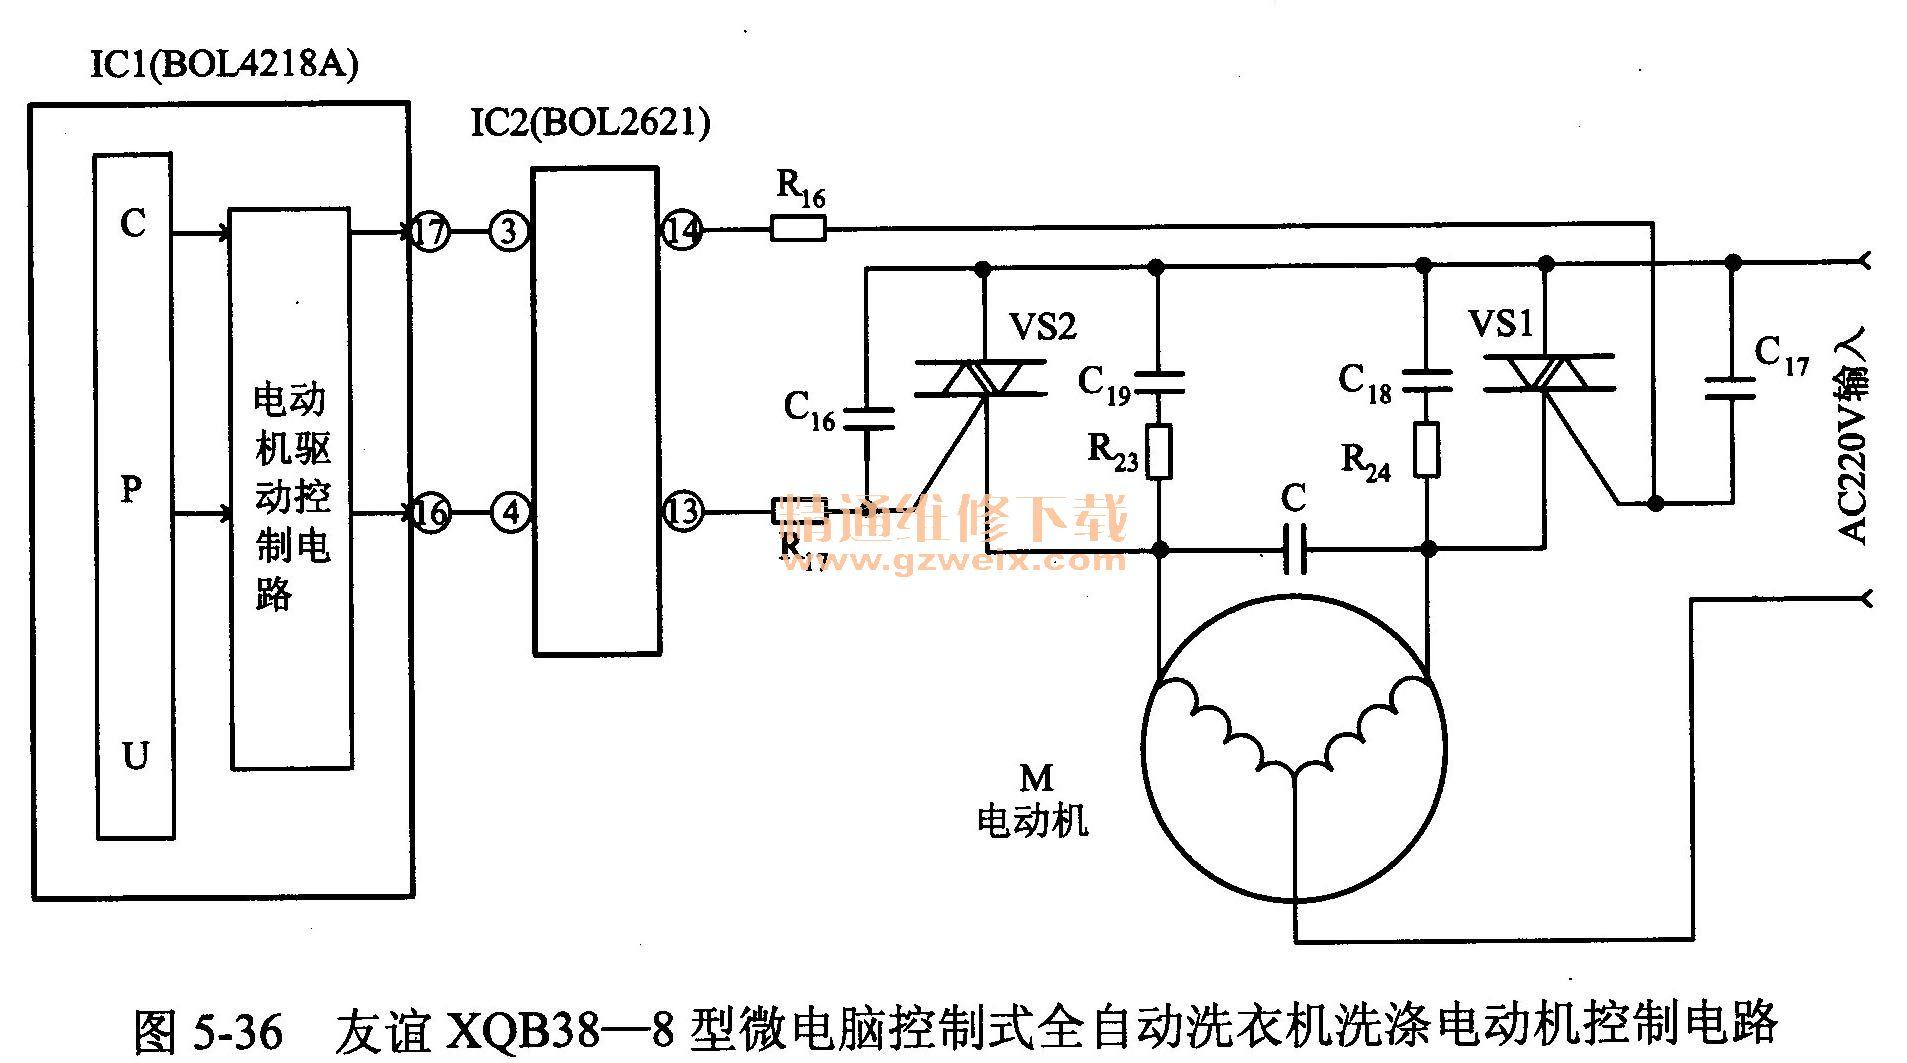 友谊xqb38-8型全自动洗衣机洗涤电动机只能做一个方向运转